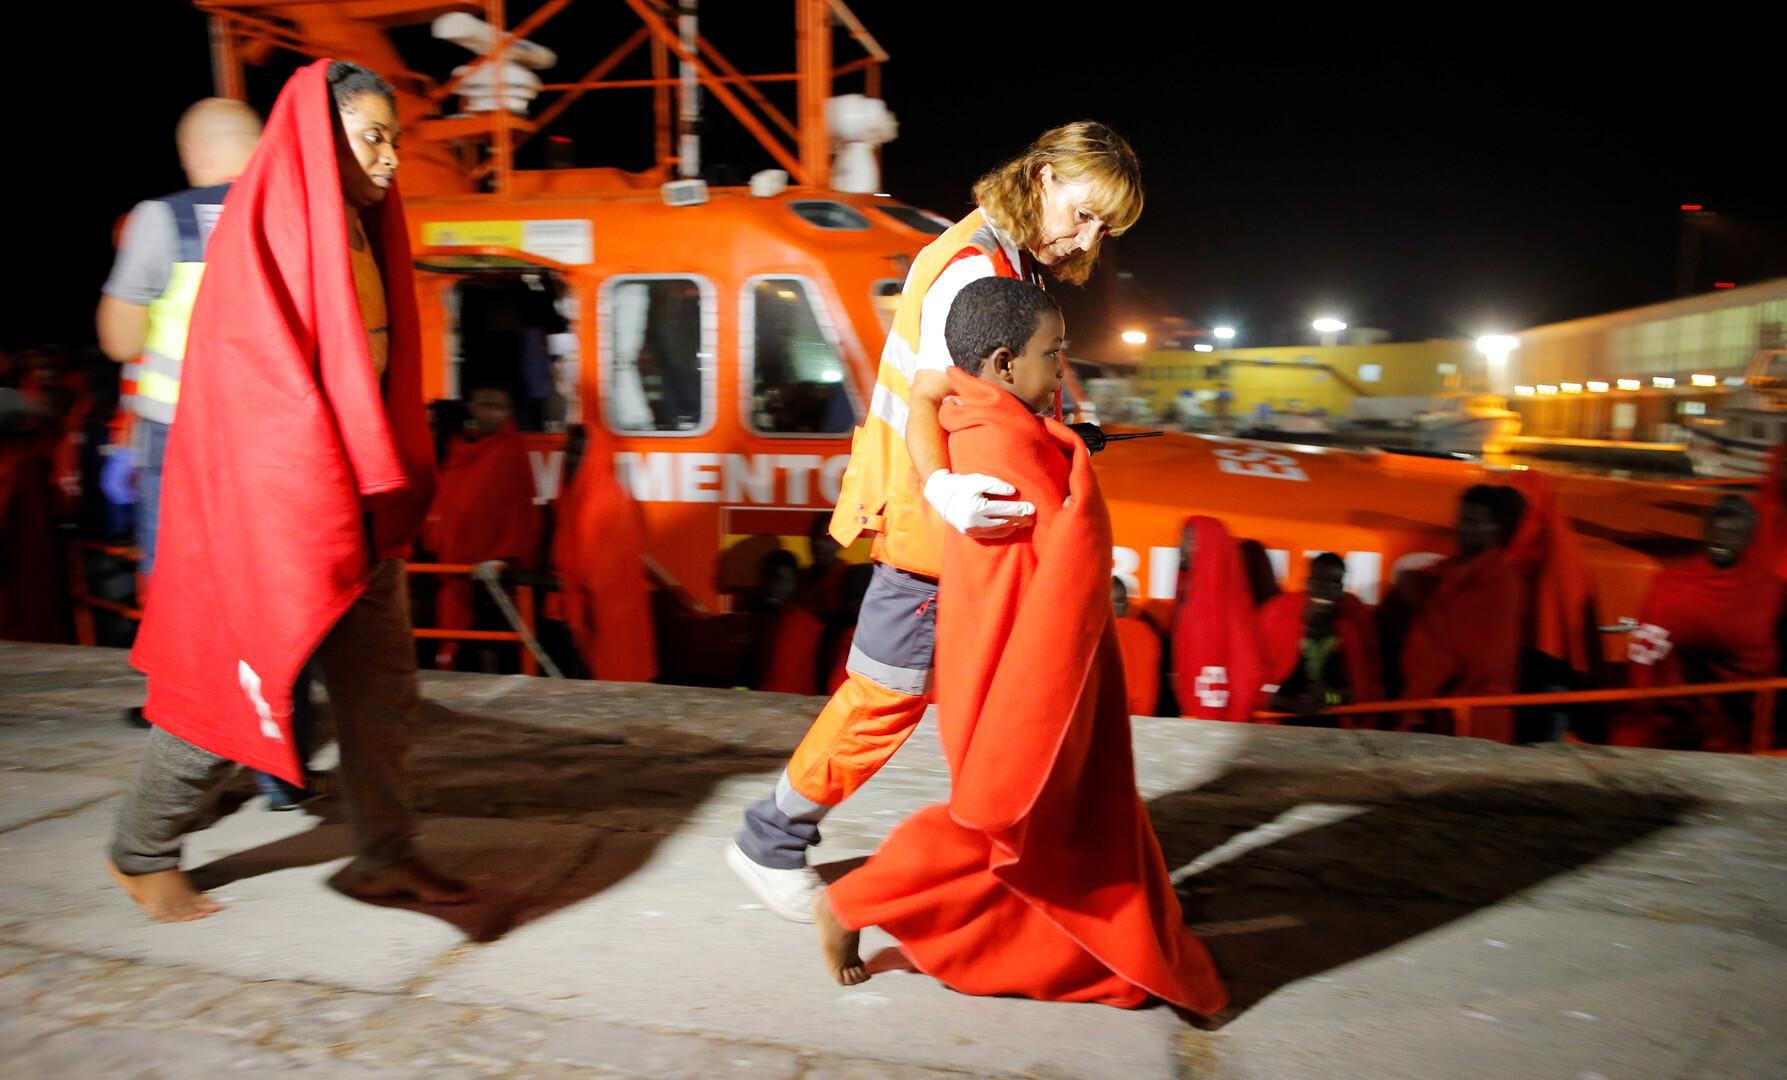 إسبانيا تنقذ قرابة 200 مهاجر في البحر المتوسط